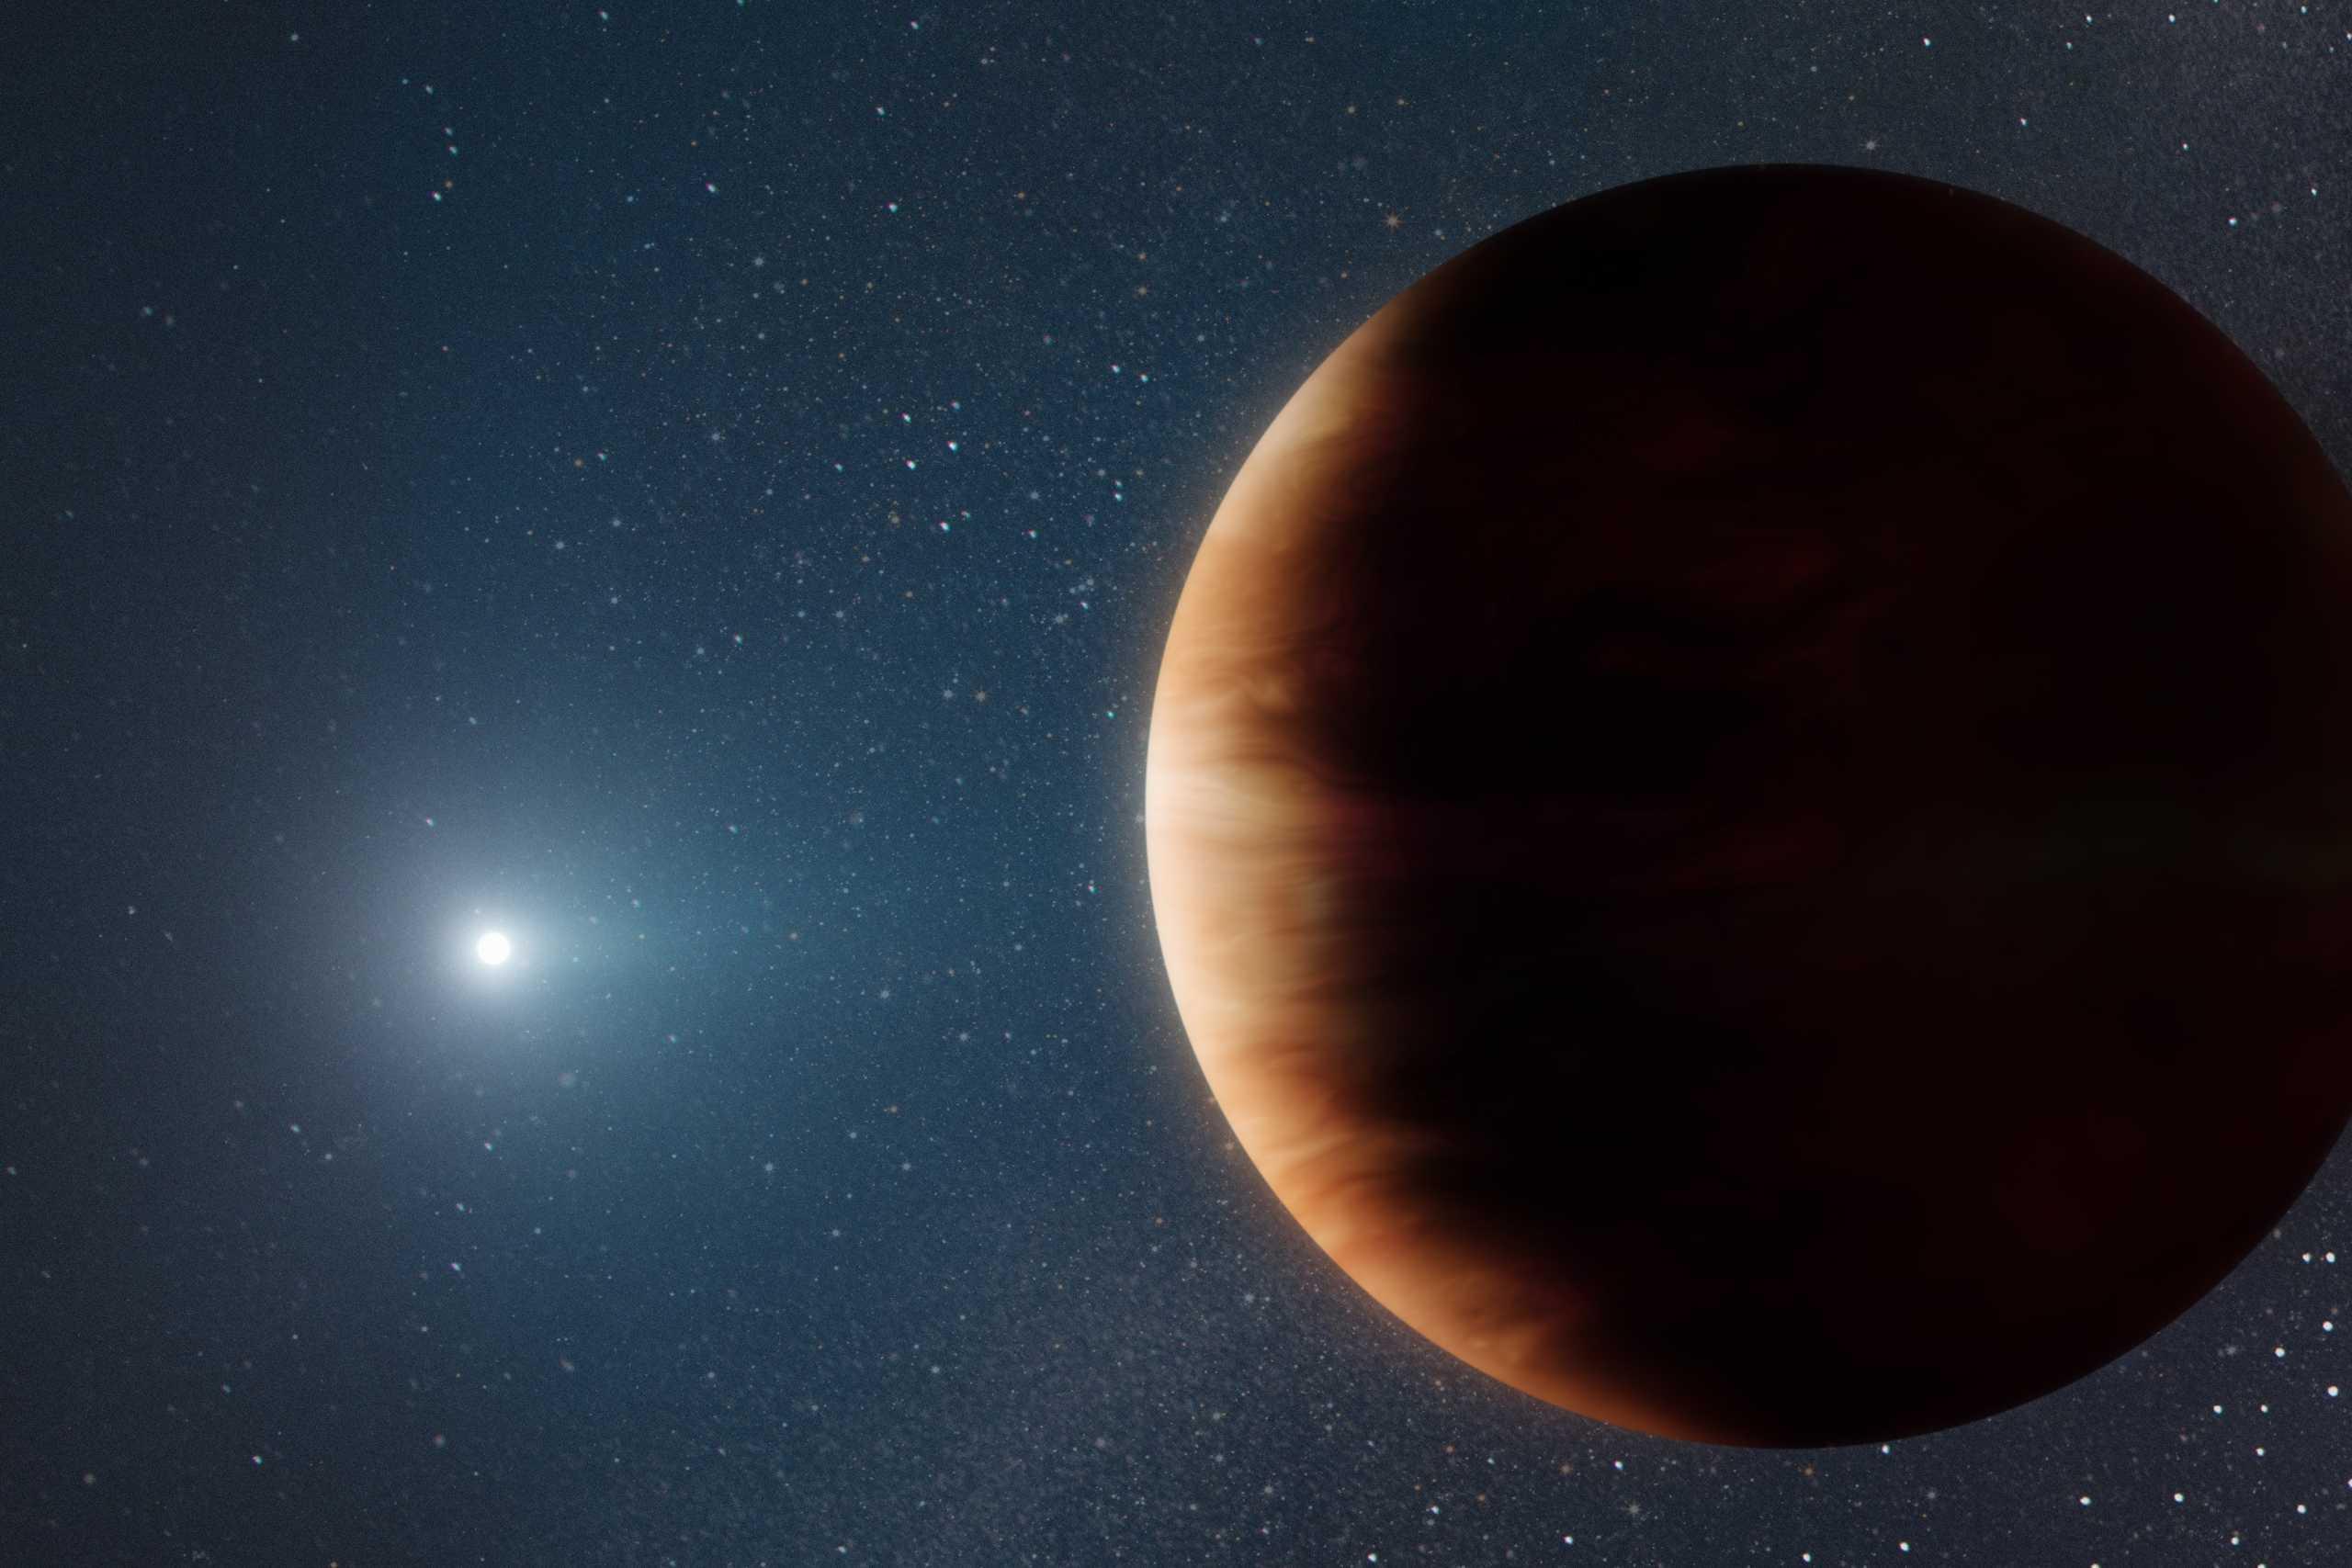 Ανακαλύφθηκε πλανήτης που ζει μετά το σβήσιμο του ήλιου του - Δυσοίωνο το μέλλον της Γης